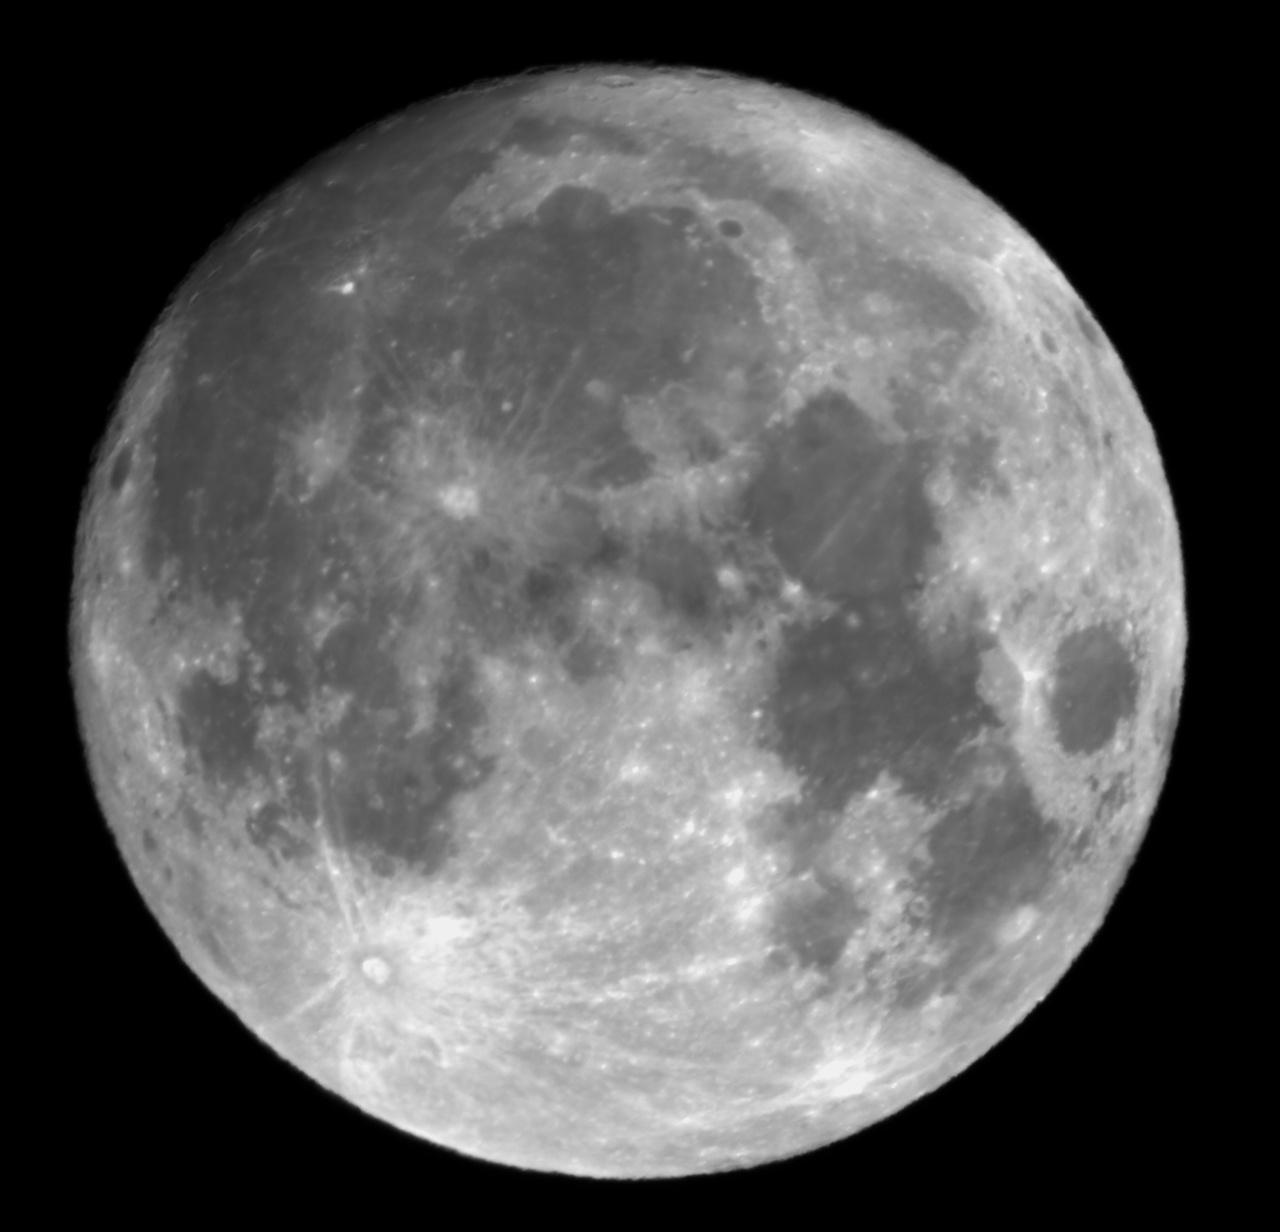 2019년 9월 13일 19시 13분 촬영한 '꼬마보름달'